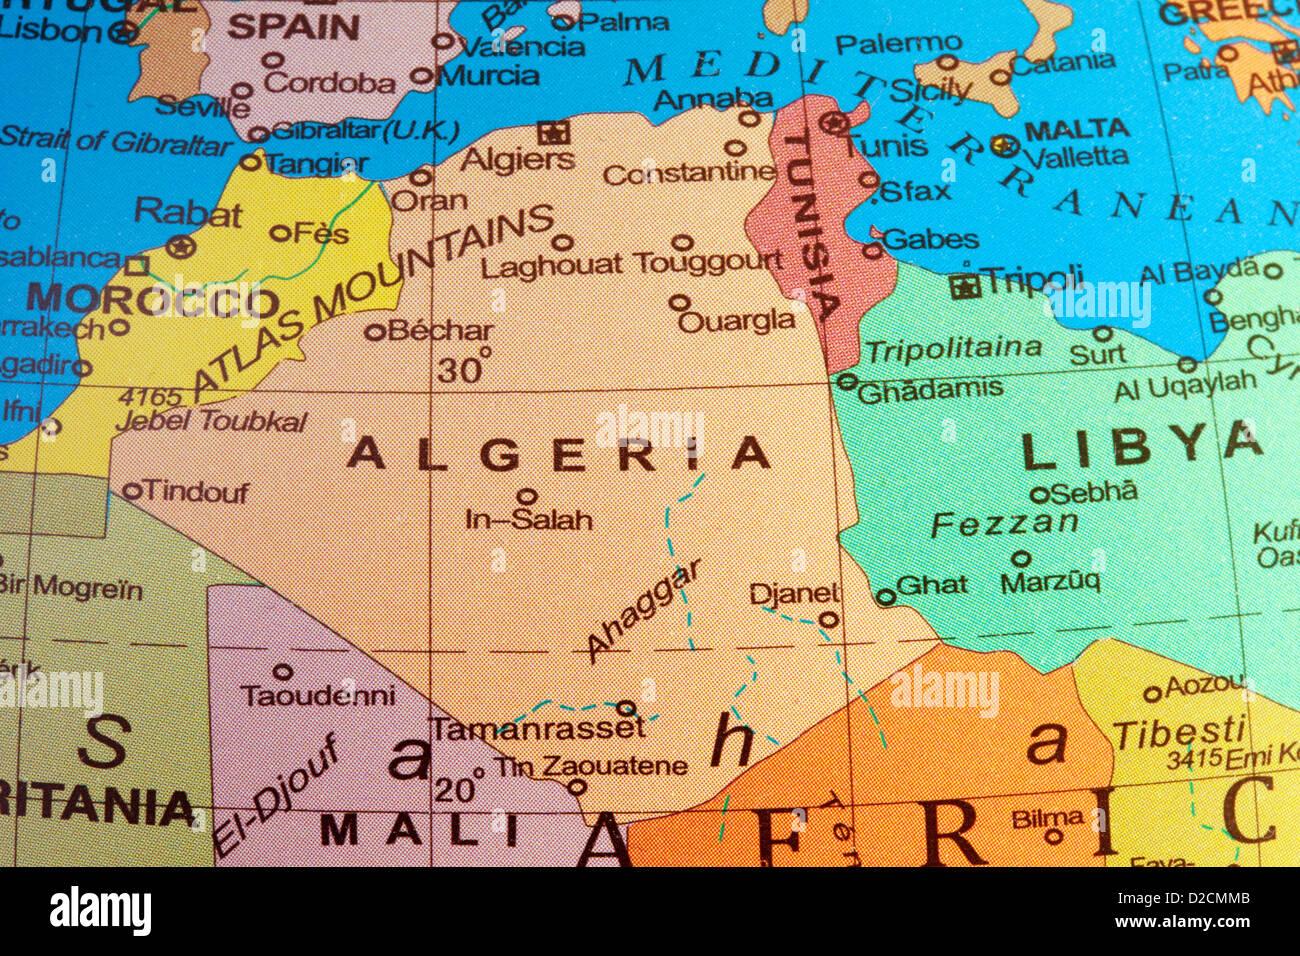 Un mapa de Argelia y el norte de África en un globo Imagen De Stock